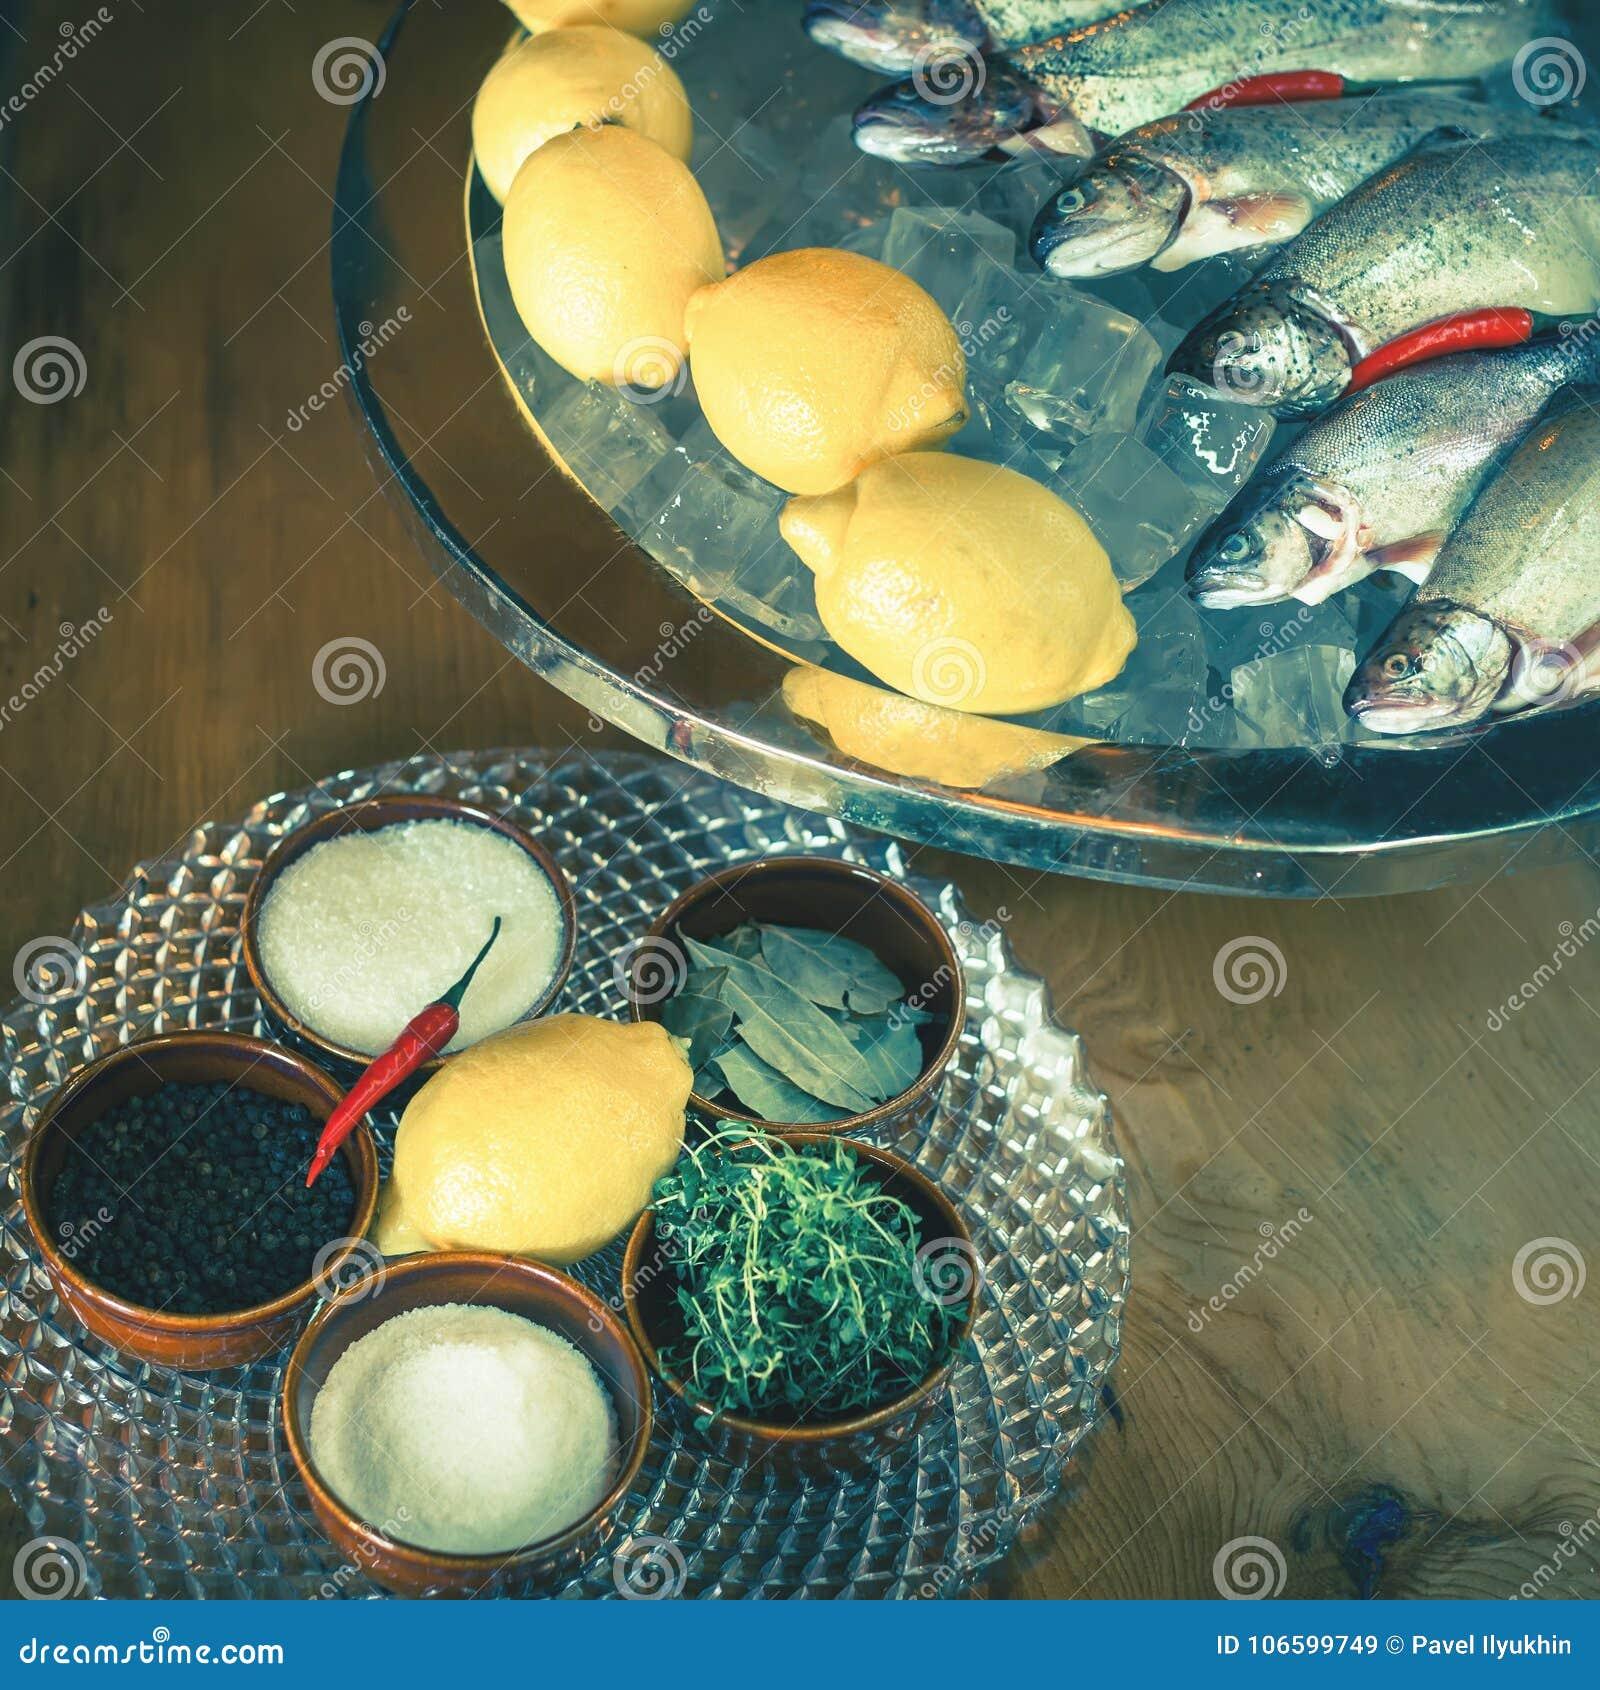 Ingredientes Para Cocinar La Trucha, Pescado Del Río, Con El Limón Y Las  Especias